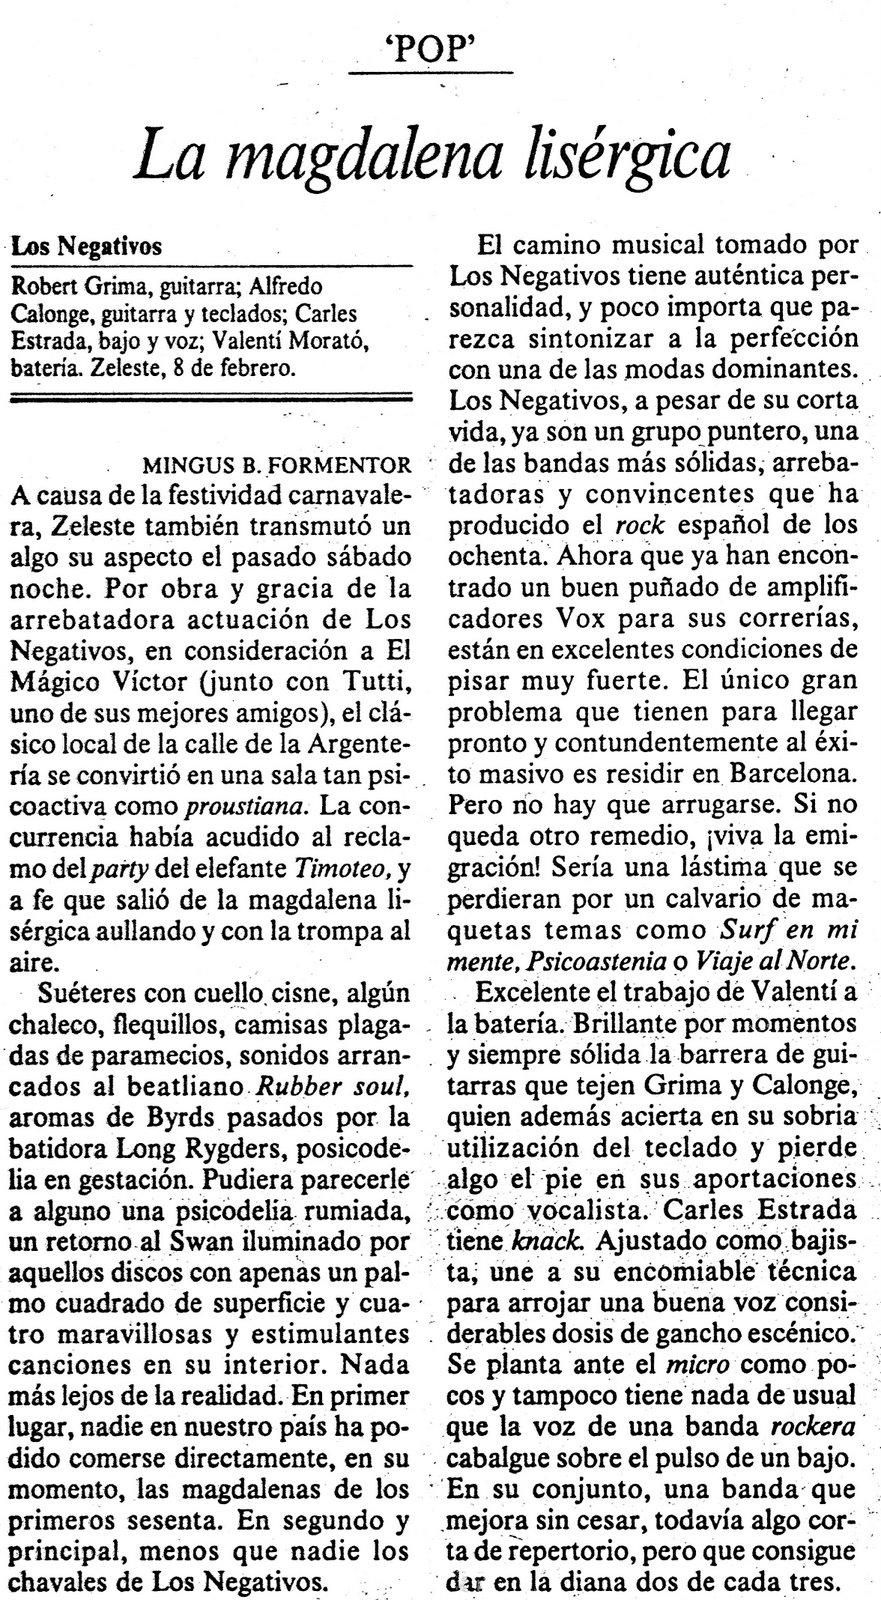 [La+Madalena+Lisérgica+El+País+12_2_86.jpg]